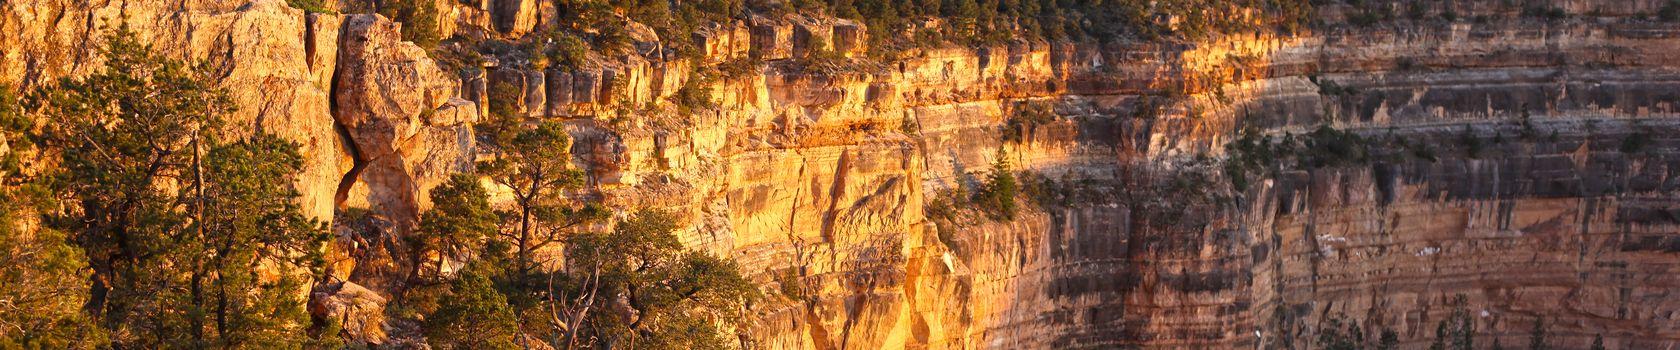 Фото бесплатно Гранд-Каньон, США, Национальный